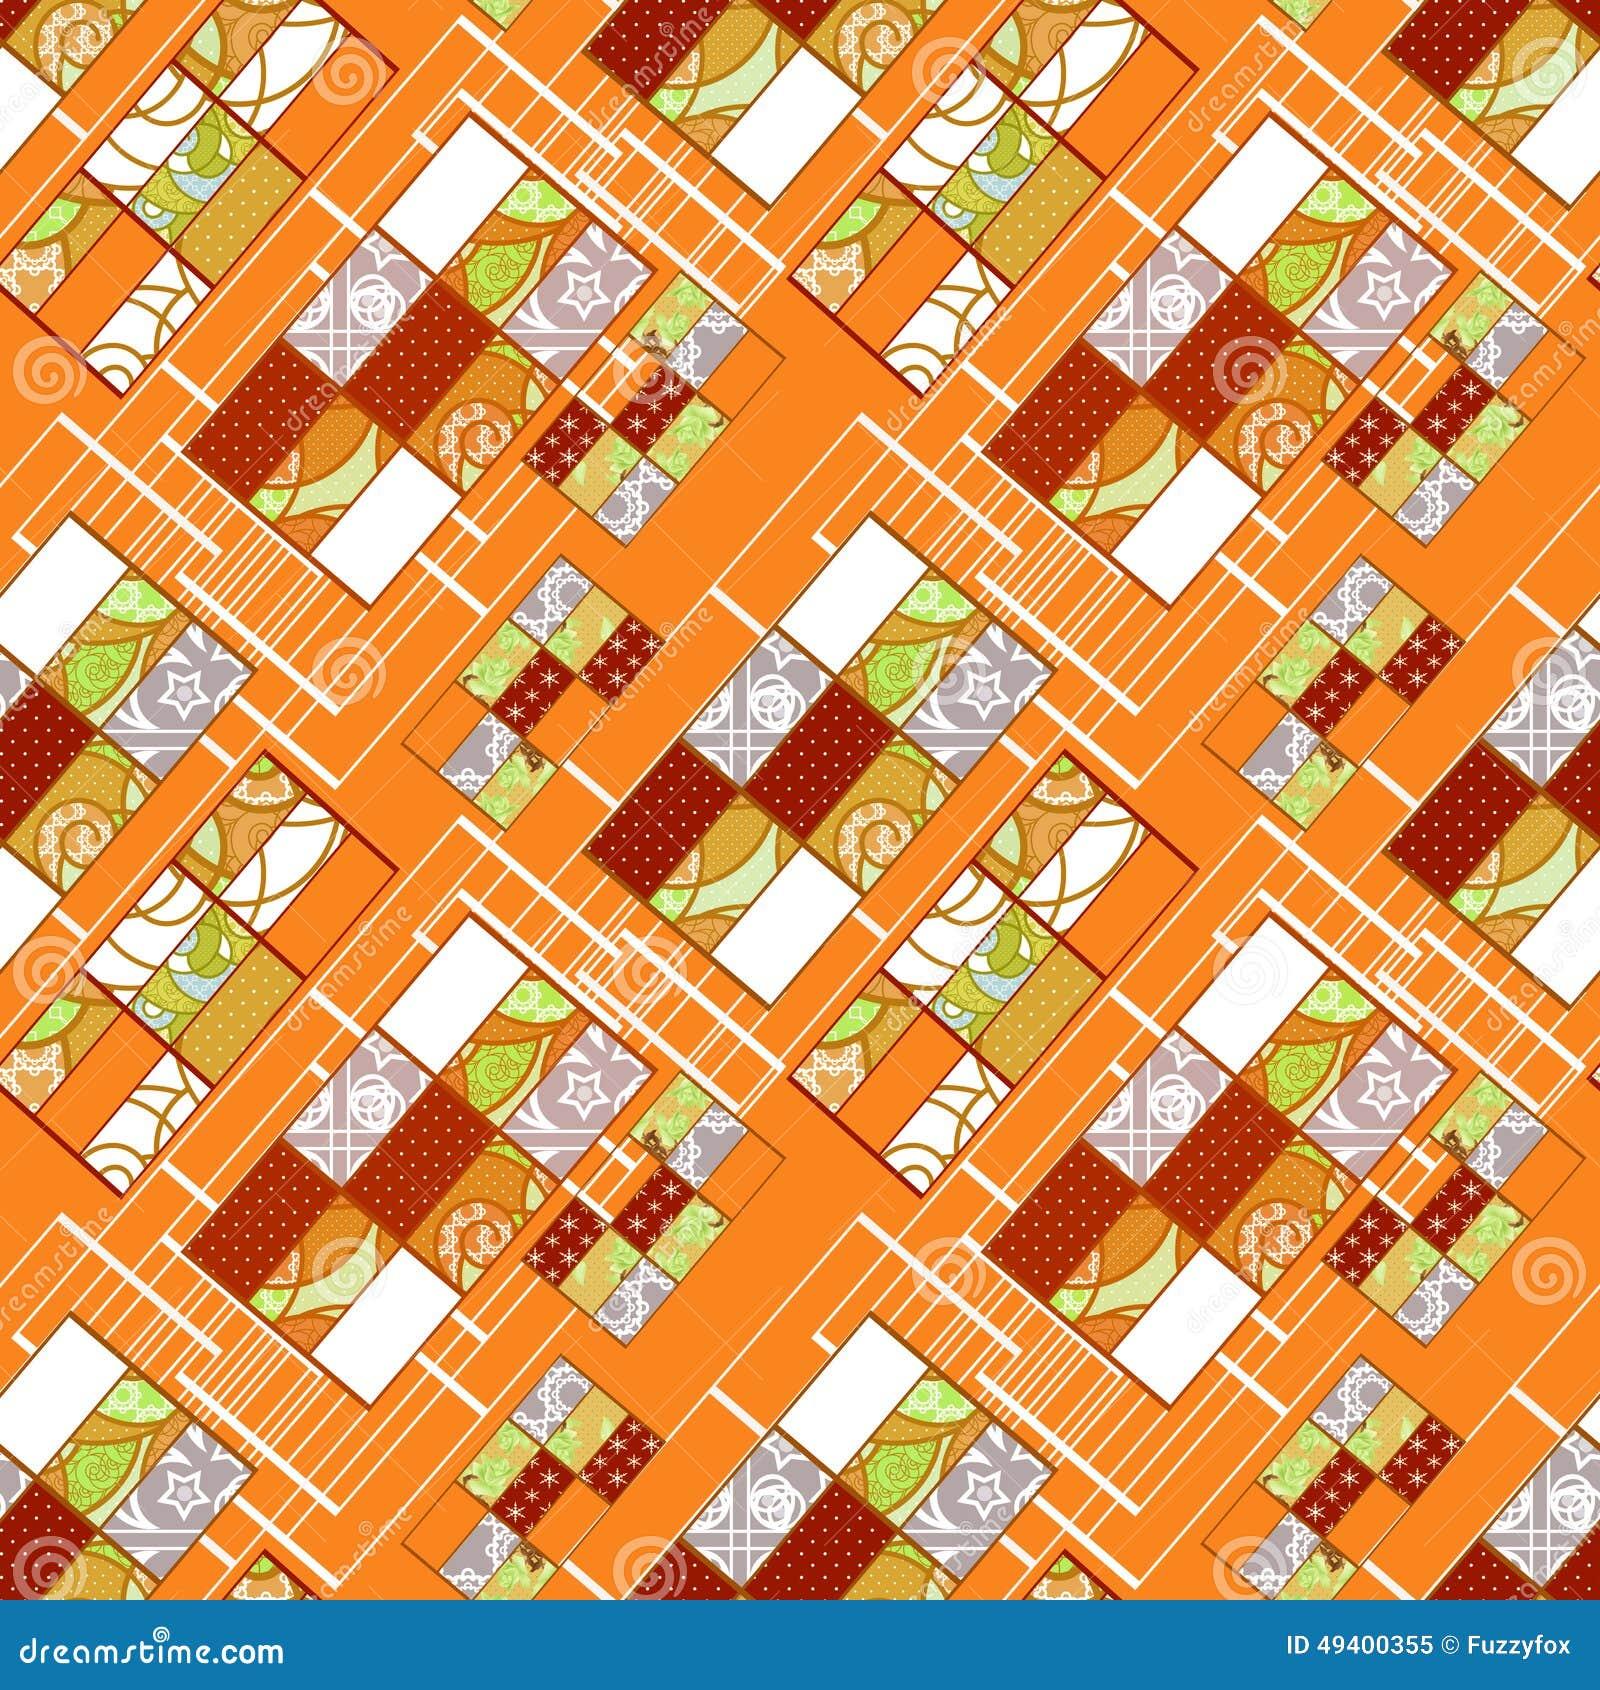 Download Abstrakter Nahtloser Patchworkmuster-Beschaffenheitshintergrund Stock Abbildung - Illustration von feier, rotation: 49400355